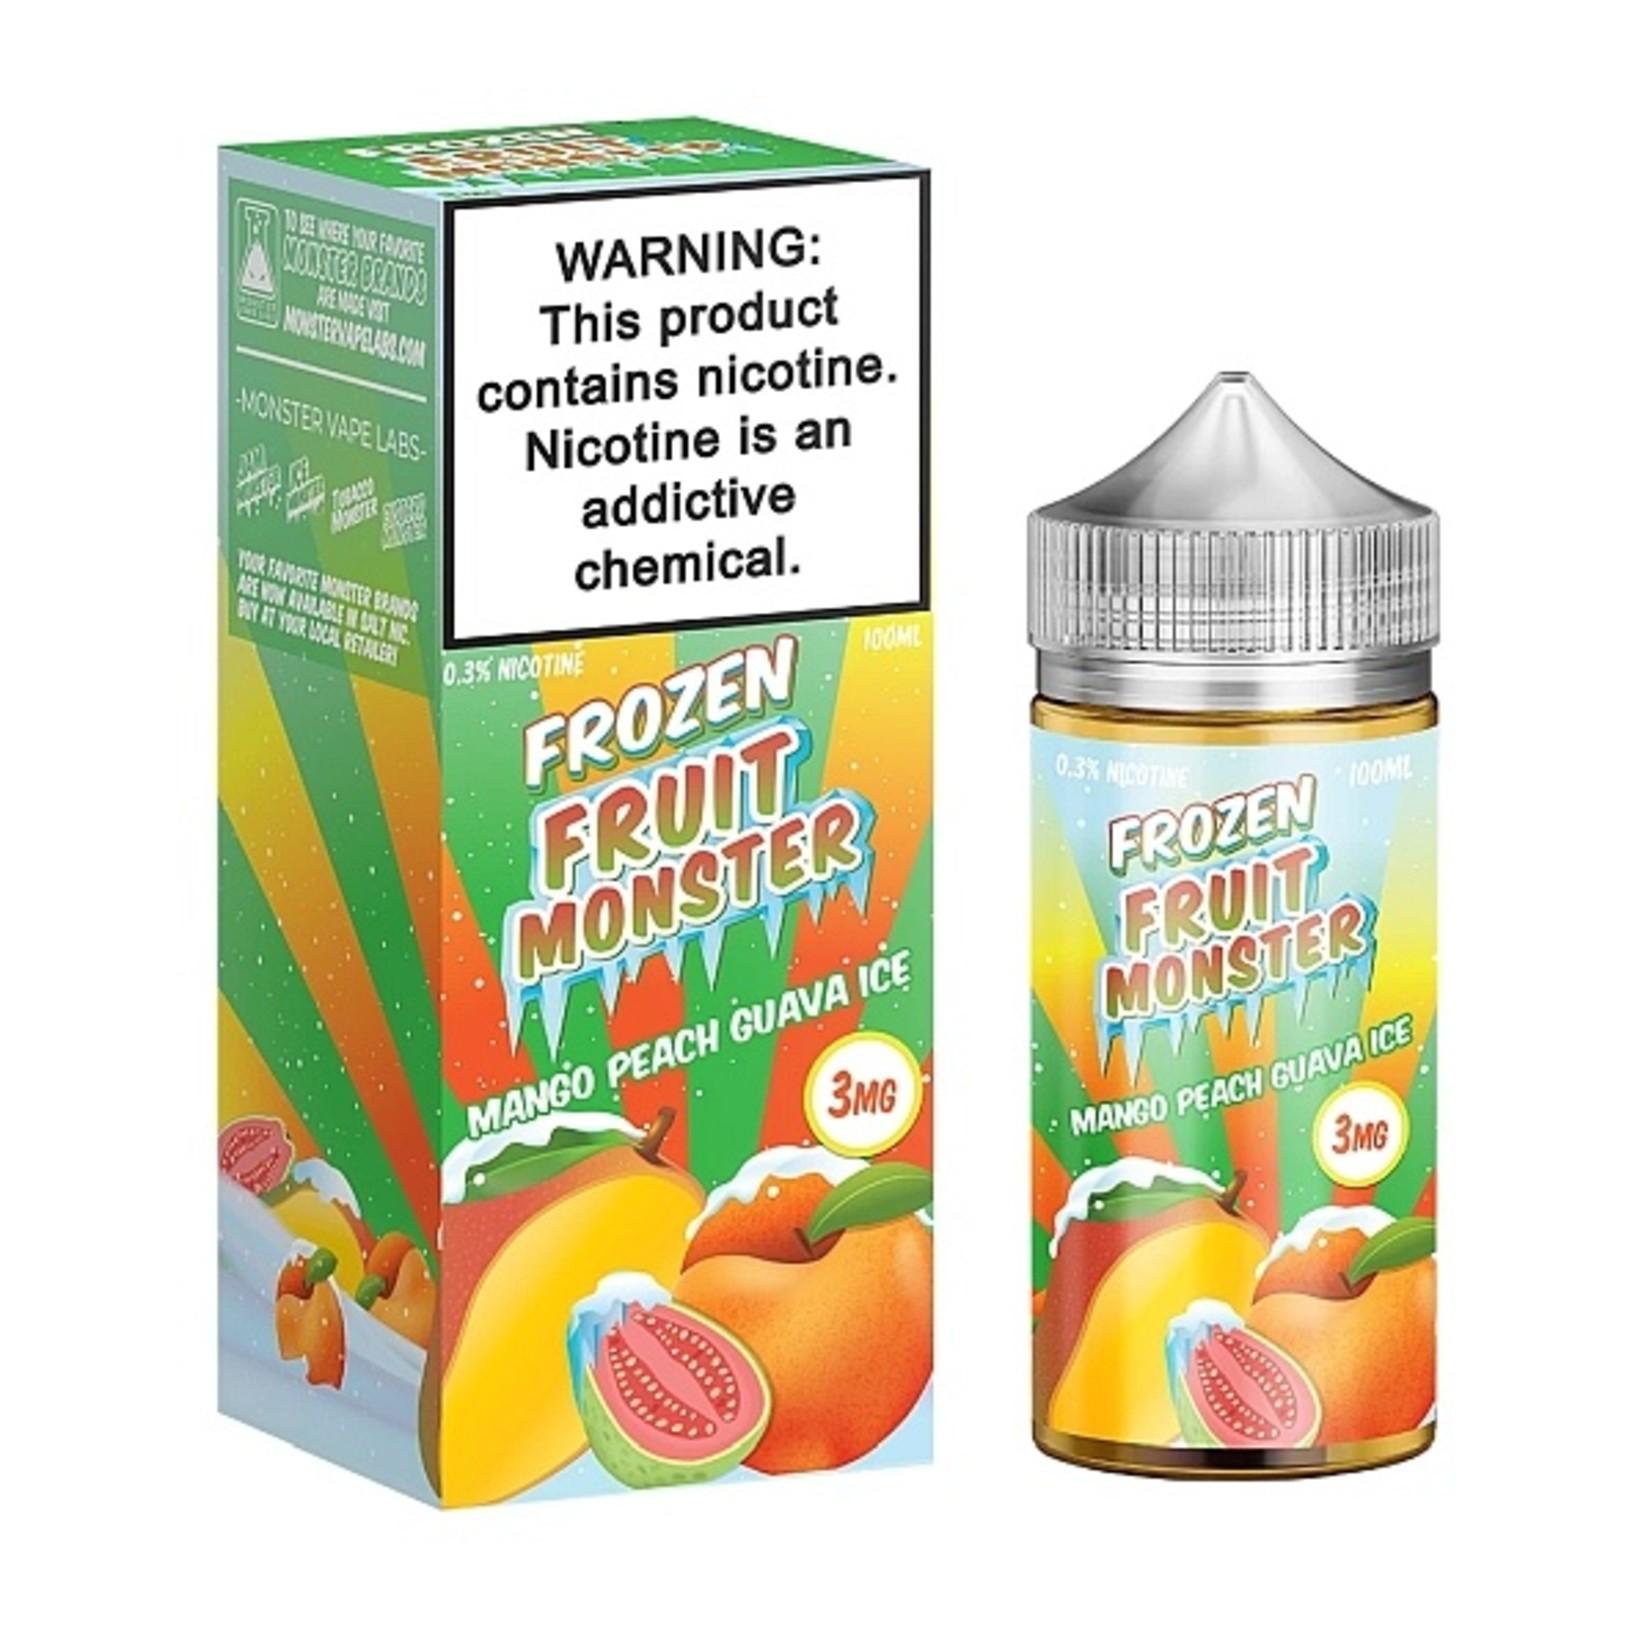 Frozen Fruit Monster Frozen Mango Peach Guava